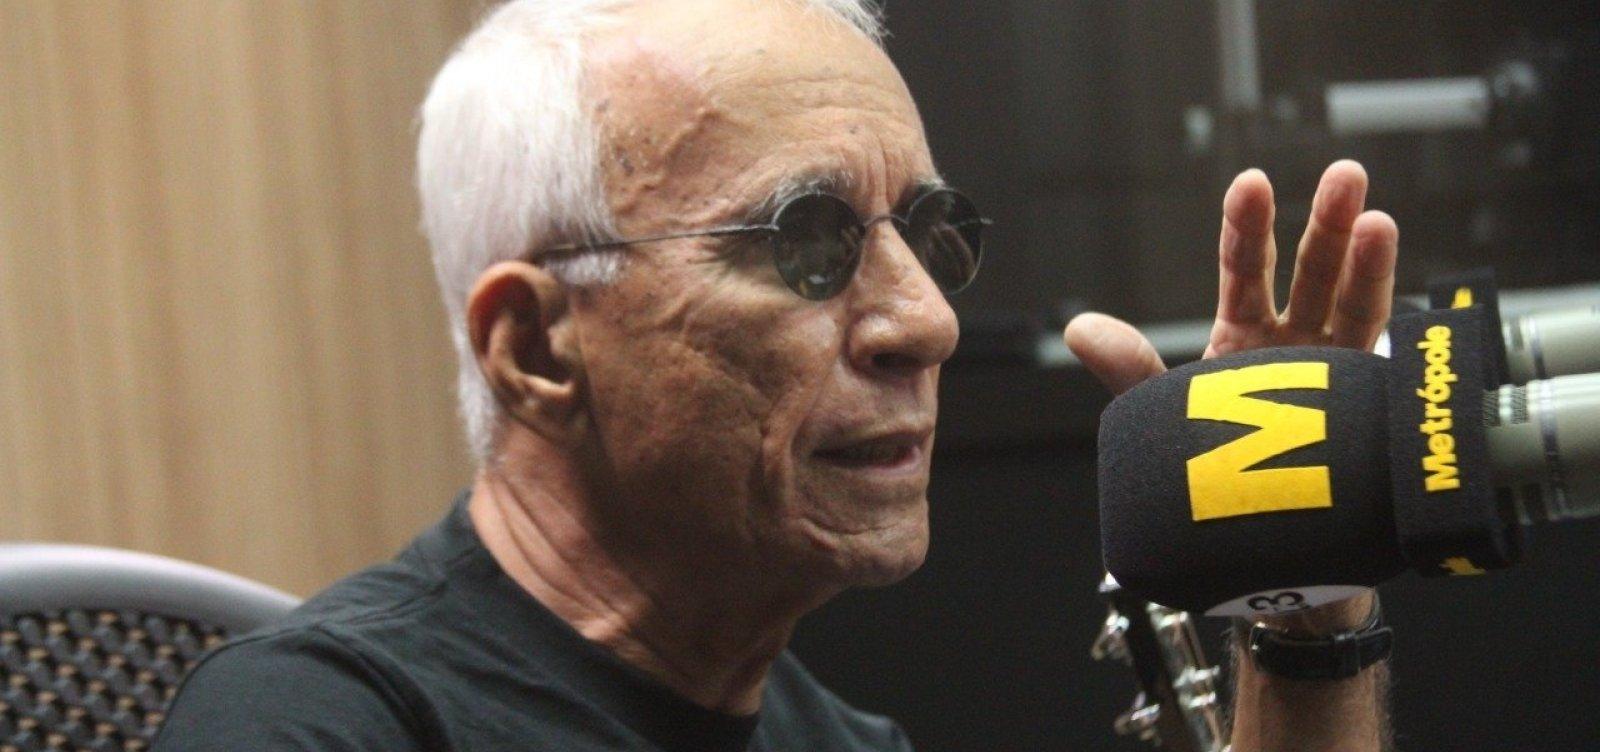 [Parceiro de Raul no grupo 'Os Panteras' diz que é 'impossível' cantor ter entregue Paulo Coelho]